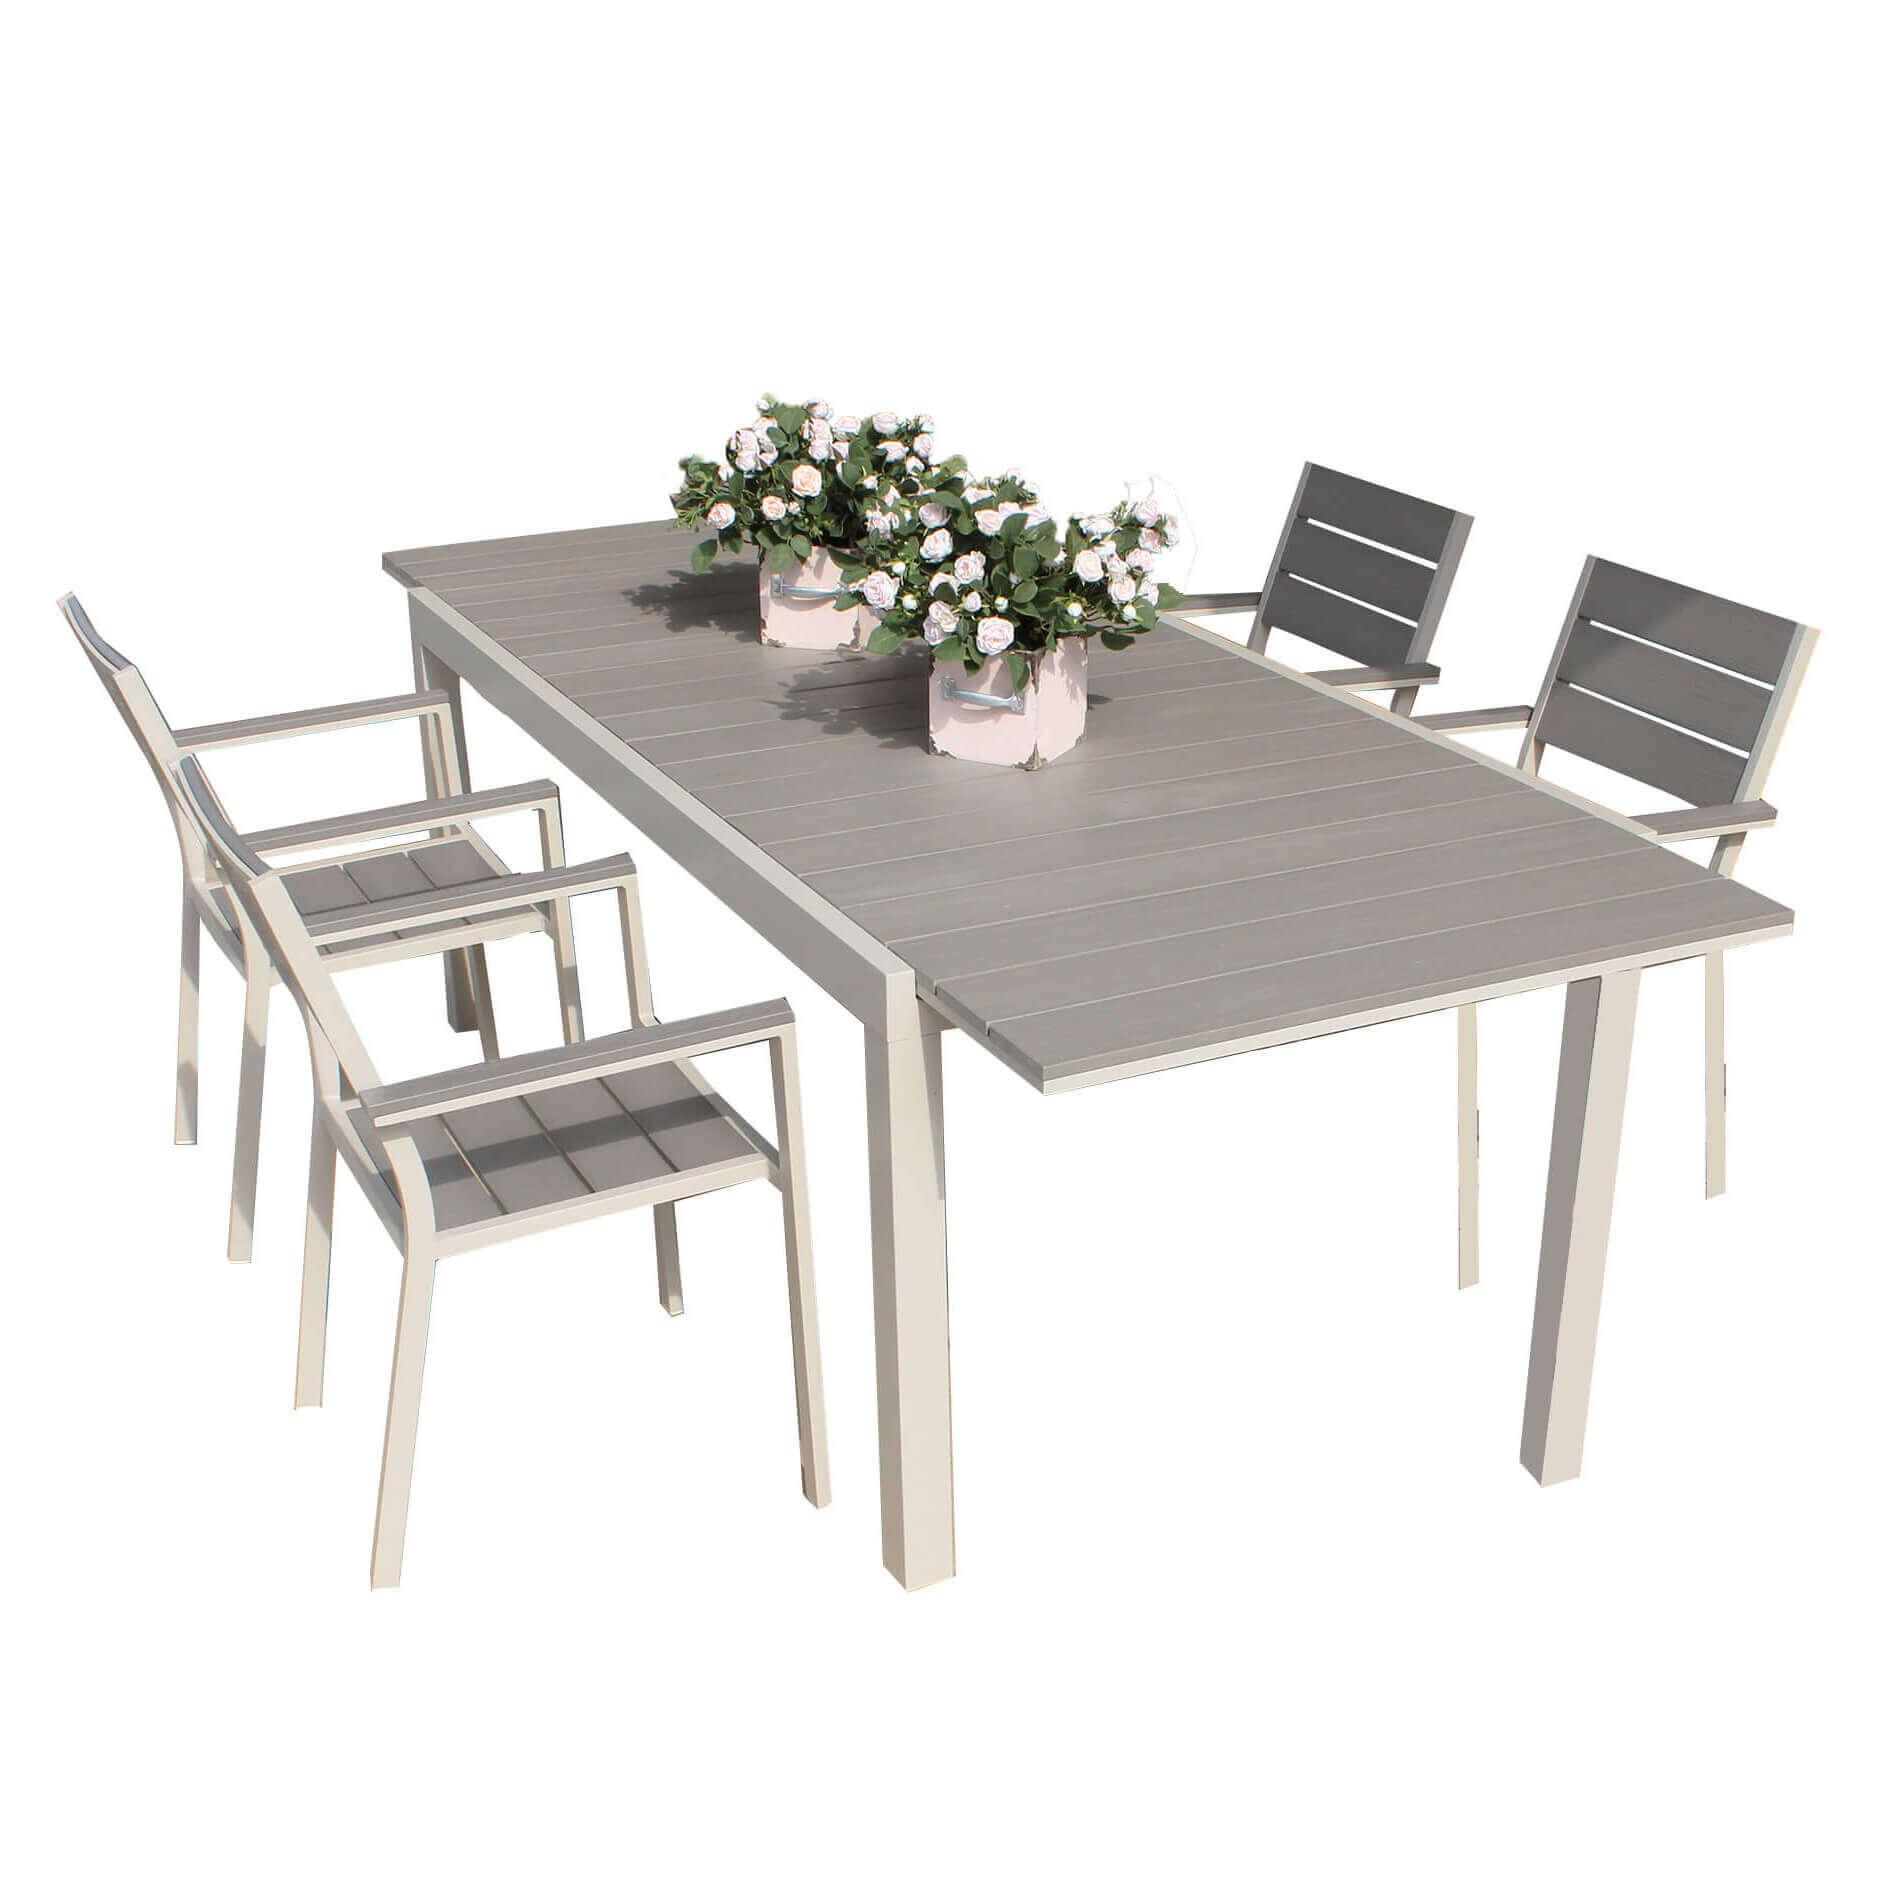 Milani Home TRIUMPHUS - set tavolo da giardino allungabile 180/240 x 100 compreso di 4 poltorne in alluminio e polywood